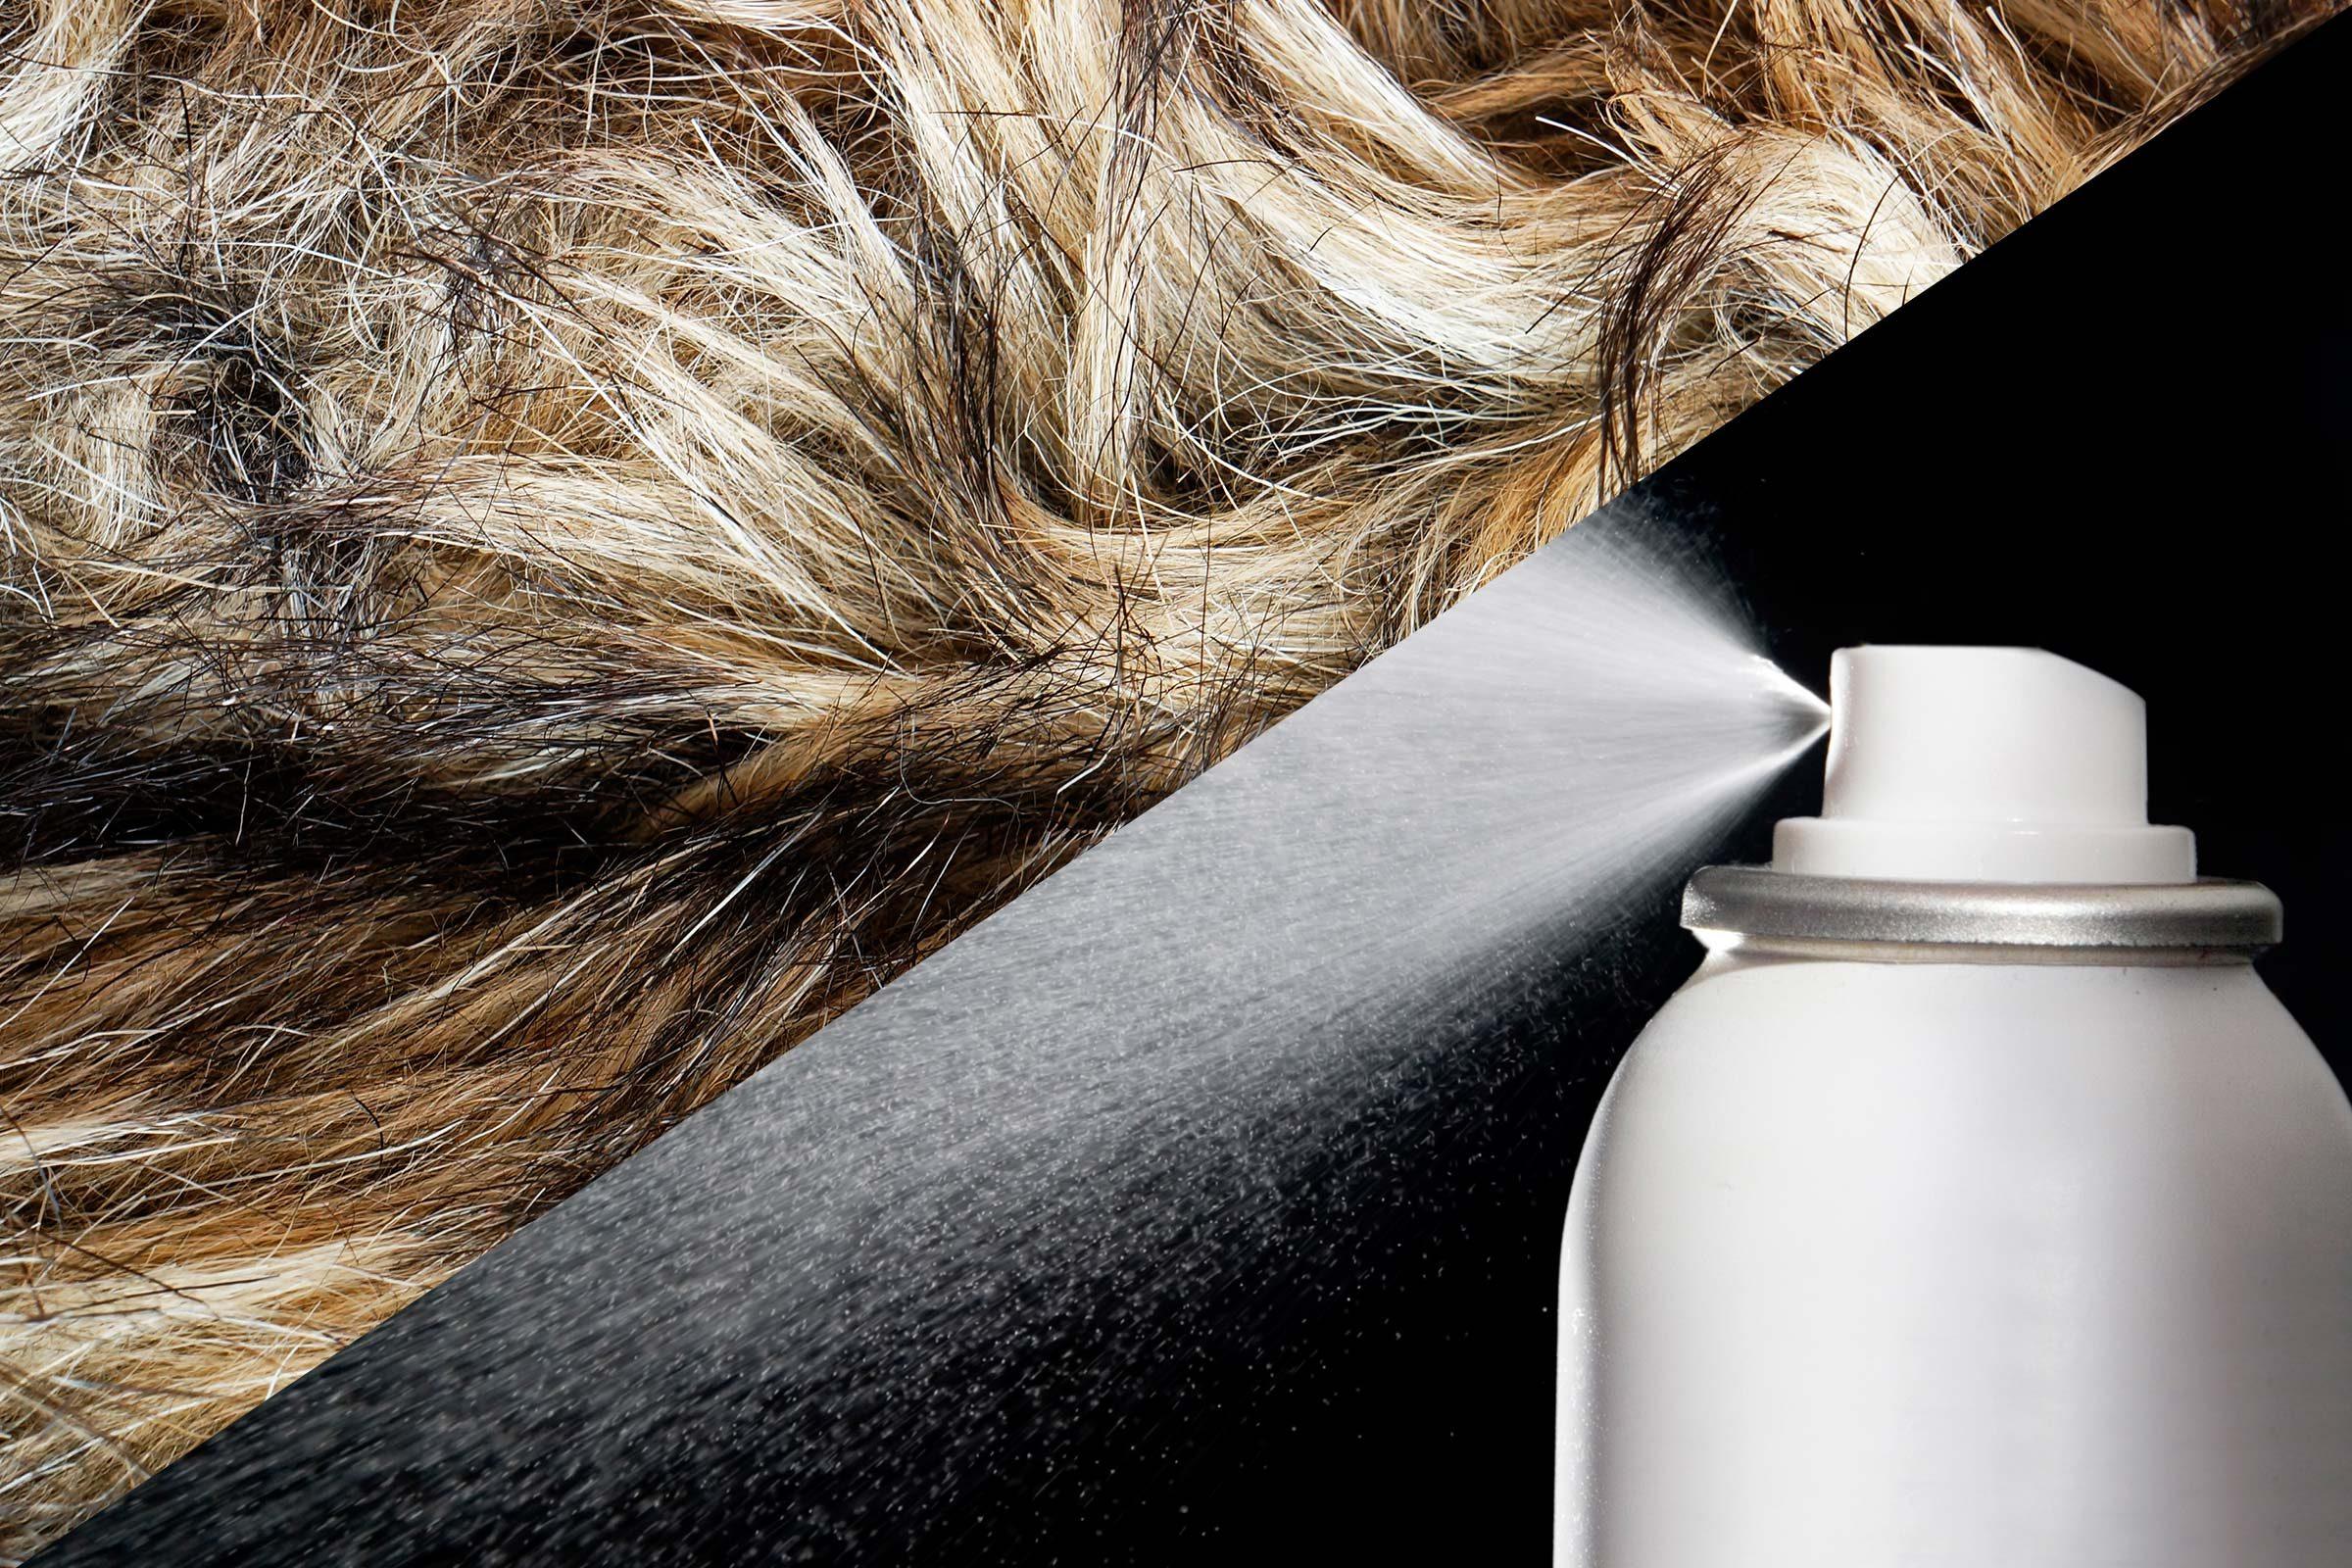 Clean up pet fur